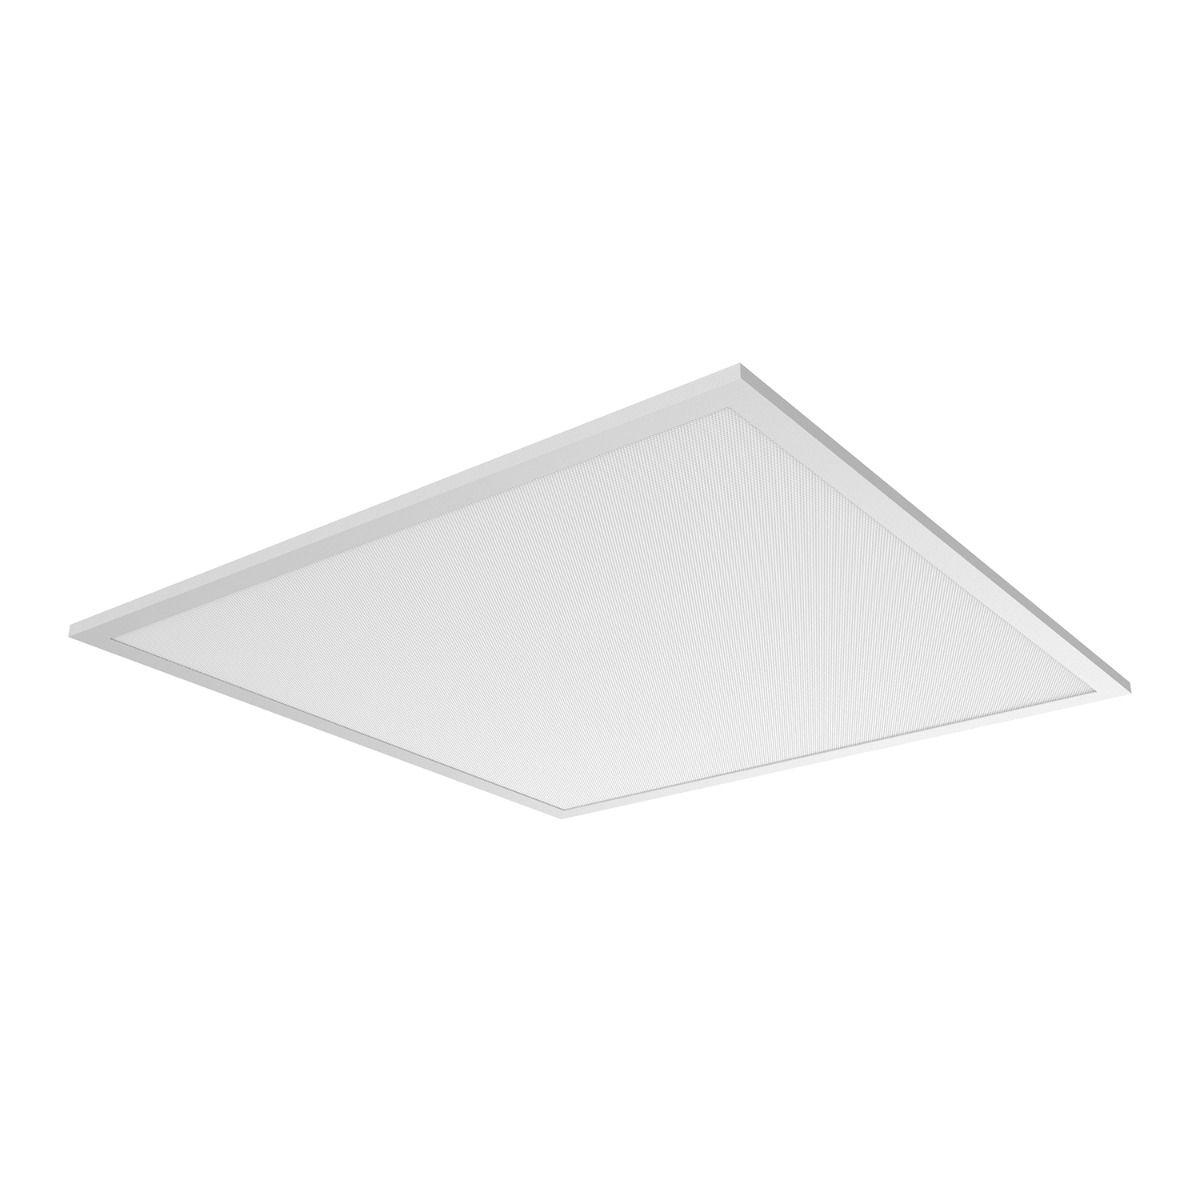 Noxion LED Paneel Delta Pro V3 30W 4000K 4070lm 60x60cm UGR <19   Koel Wit - Vervangt 4x18W